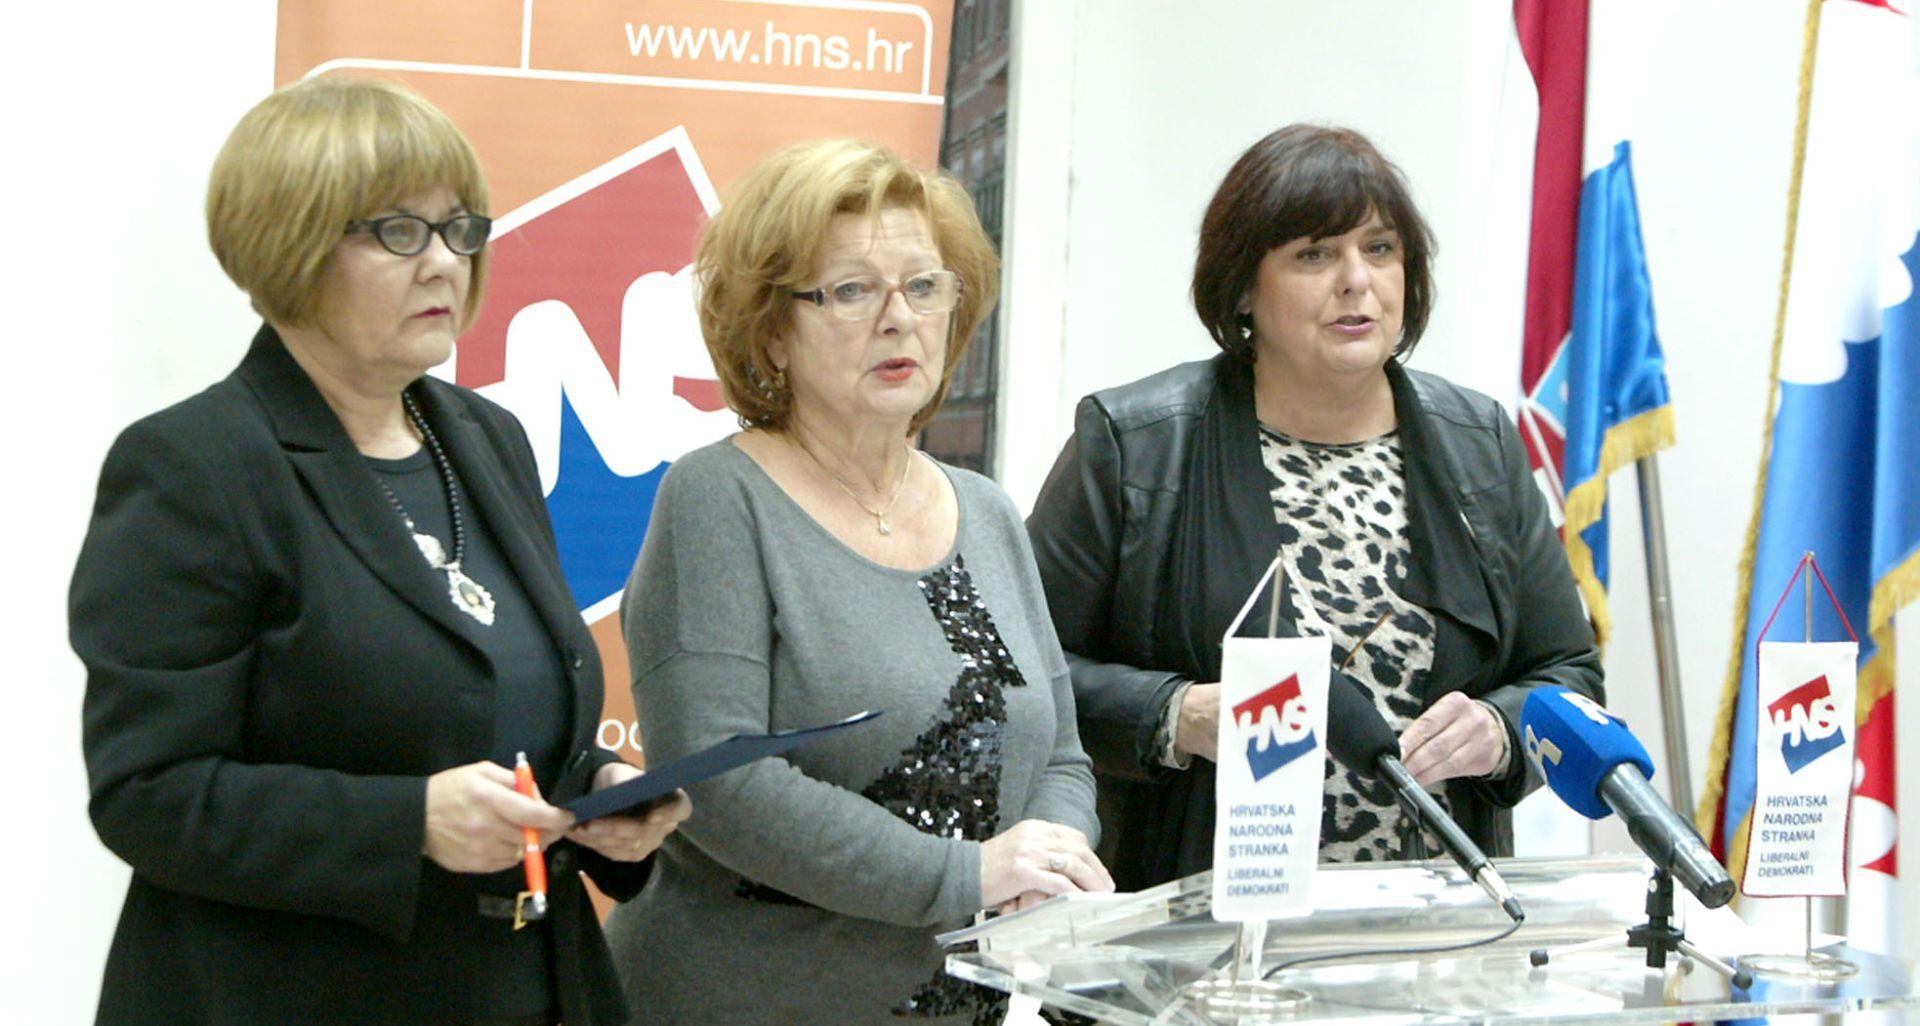 TRAŽI UNAPRJEĐENJE SUSTAVA: Turina-Đurić poziva Strenju-Linić da ne dopusti pad zdravstvenog standarda